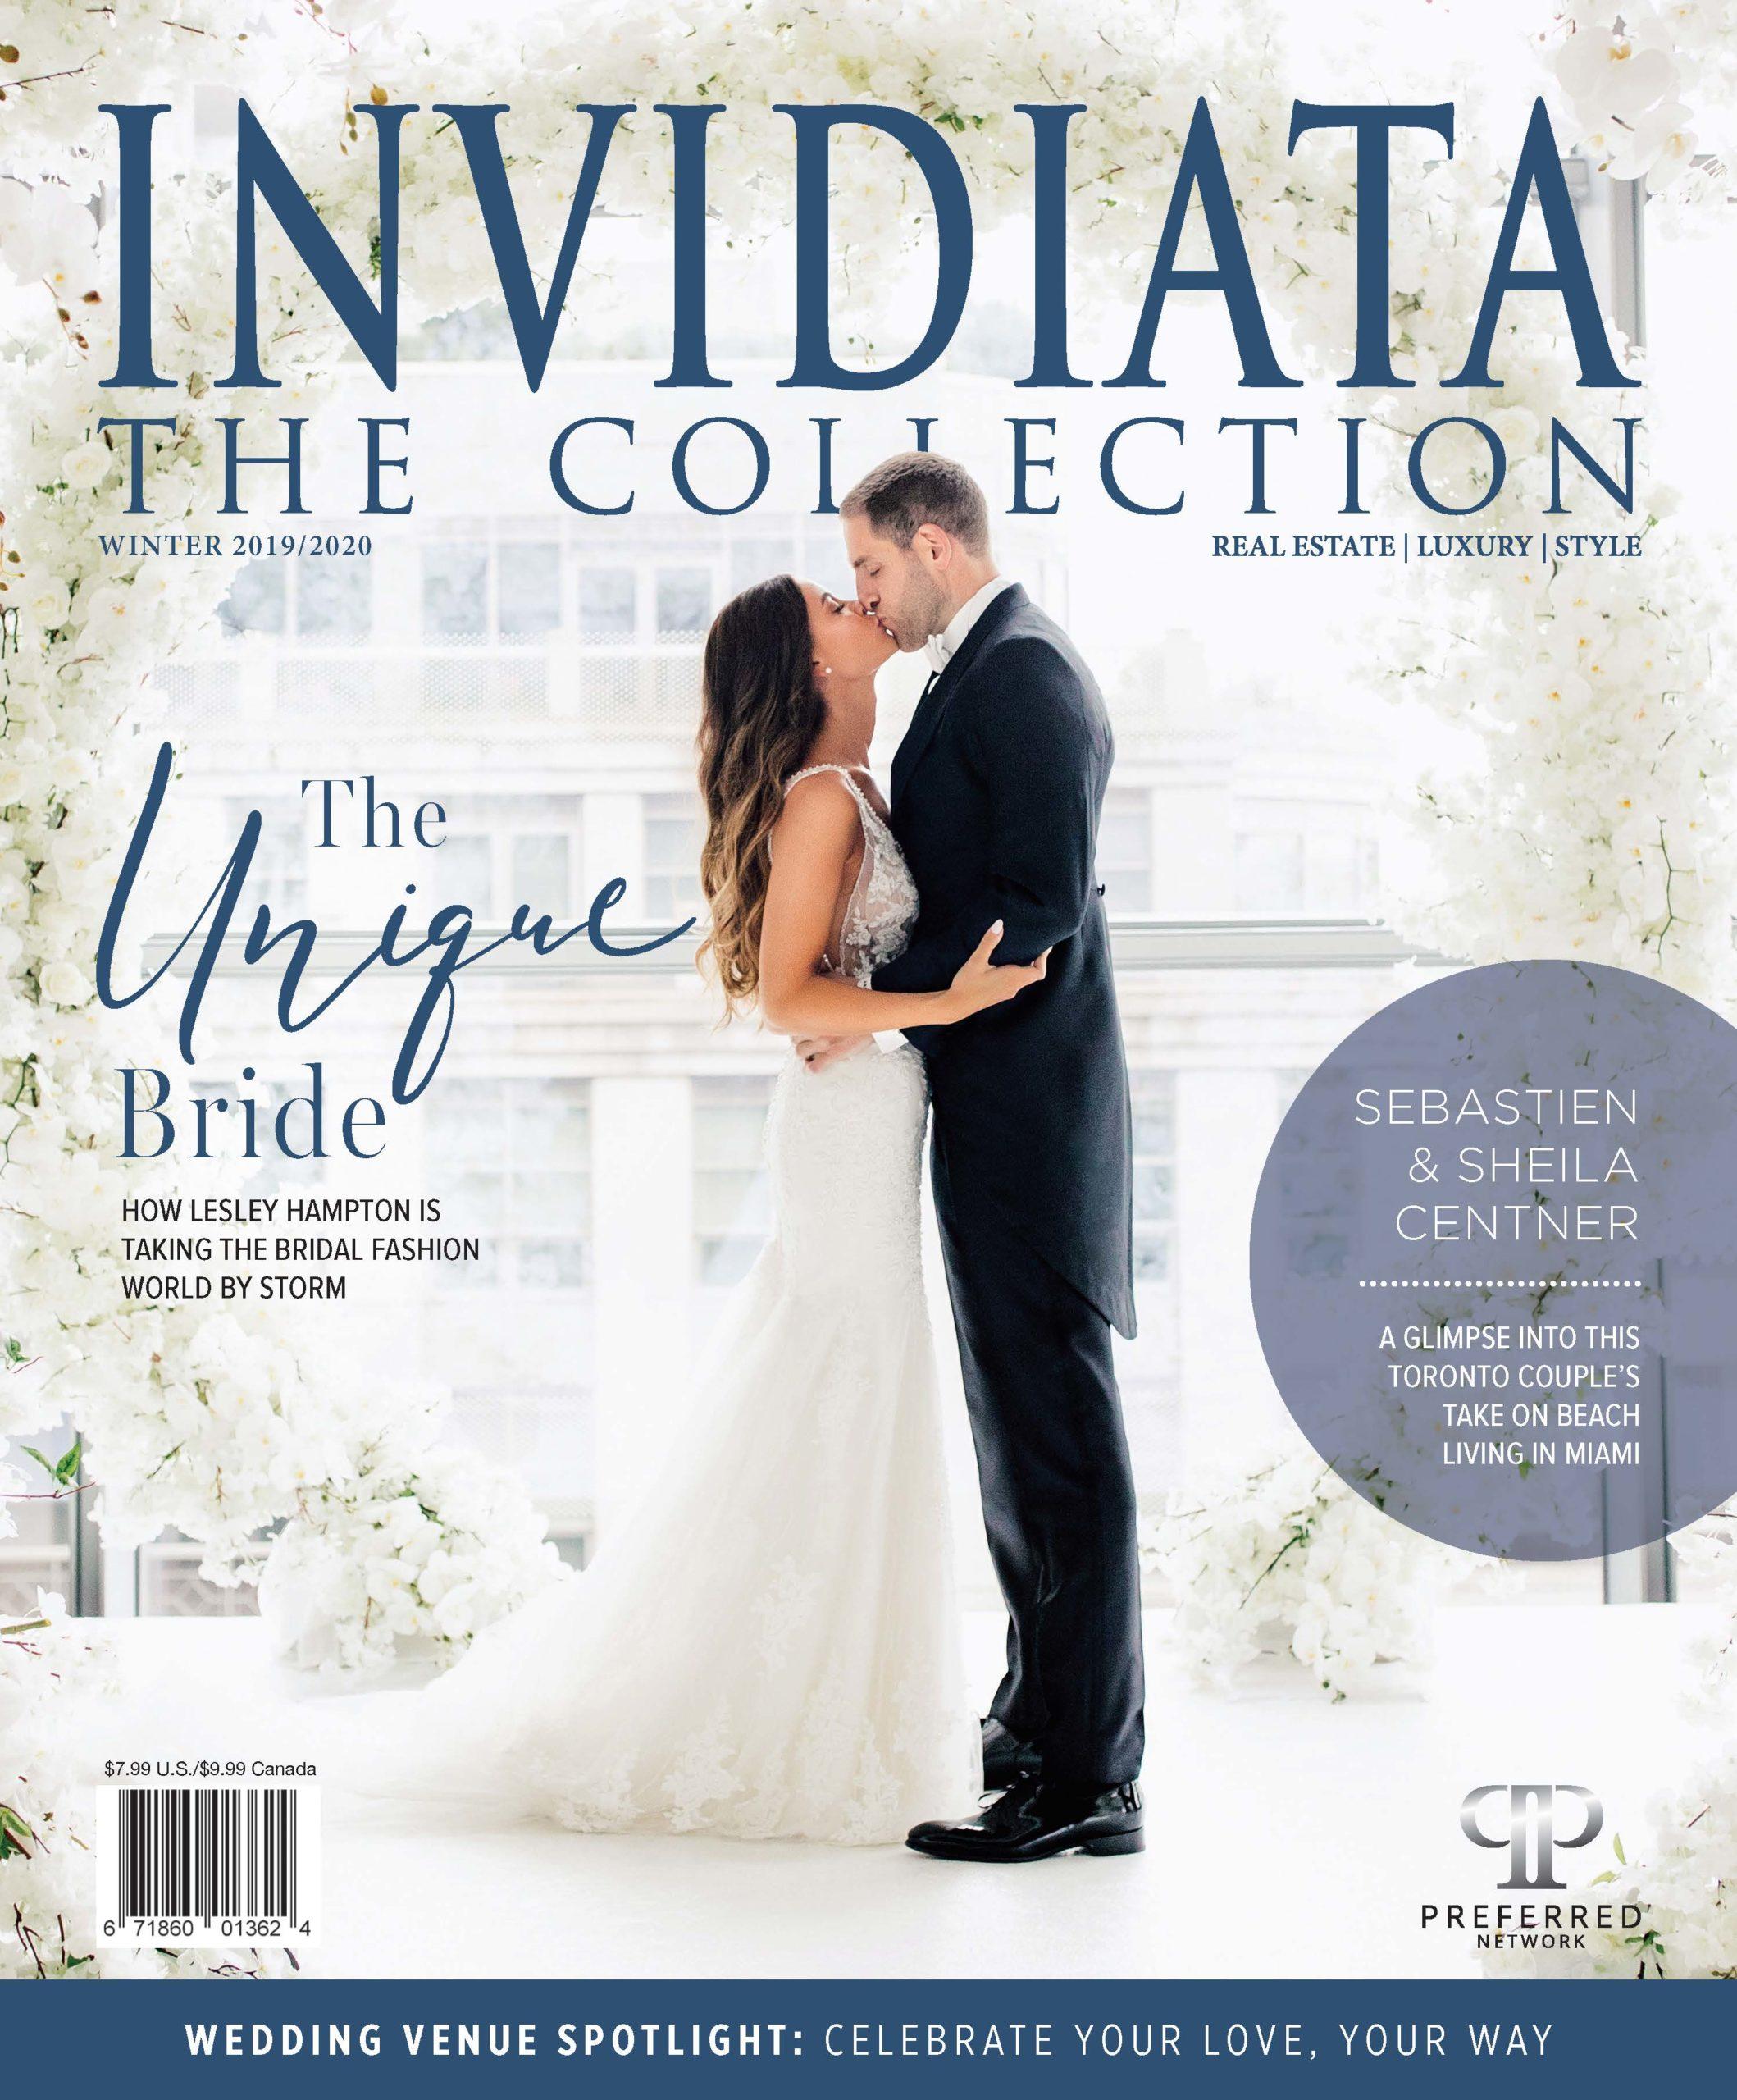 The Invidiata Collection Winter 2019/20